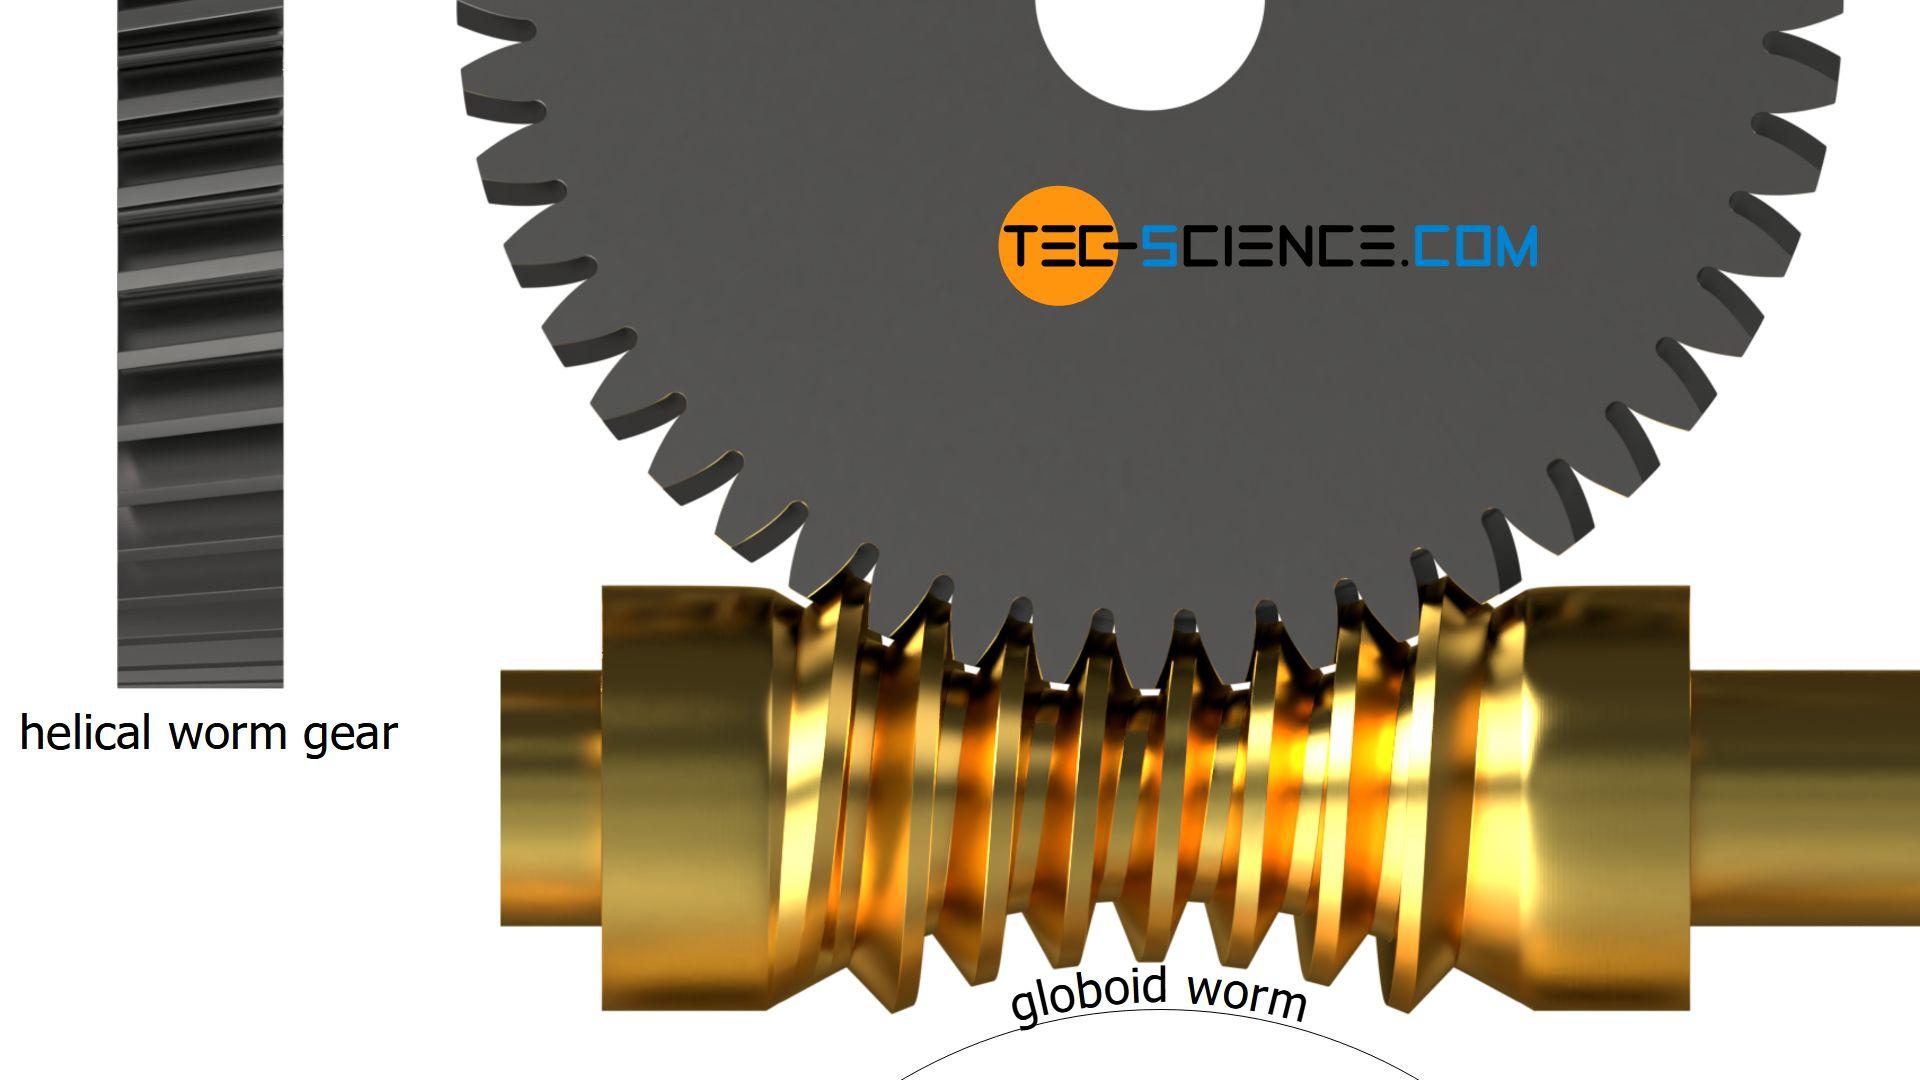 Globoid worm und helical worm gear